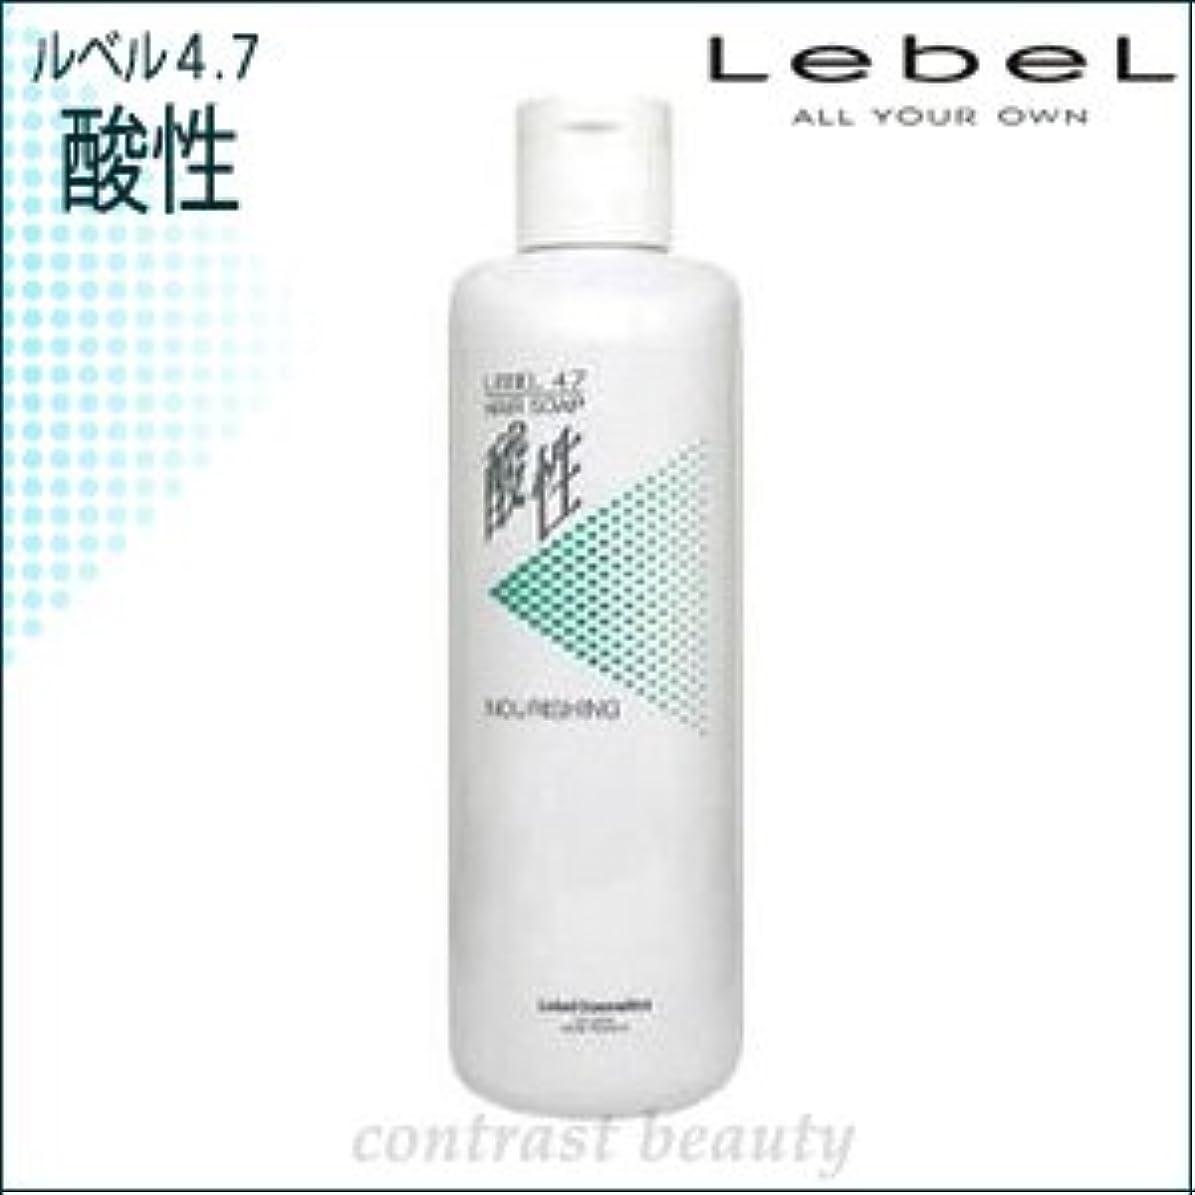 スイング通信網カスタム【X3個セット】 ルベル/LebeL 4.7酸性 ヘアソープ ナリシング 400ml